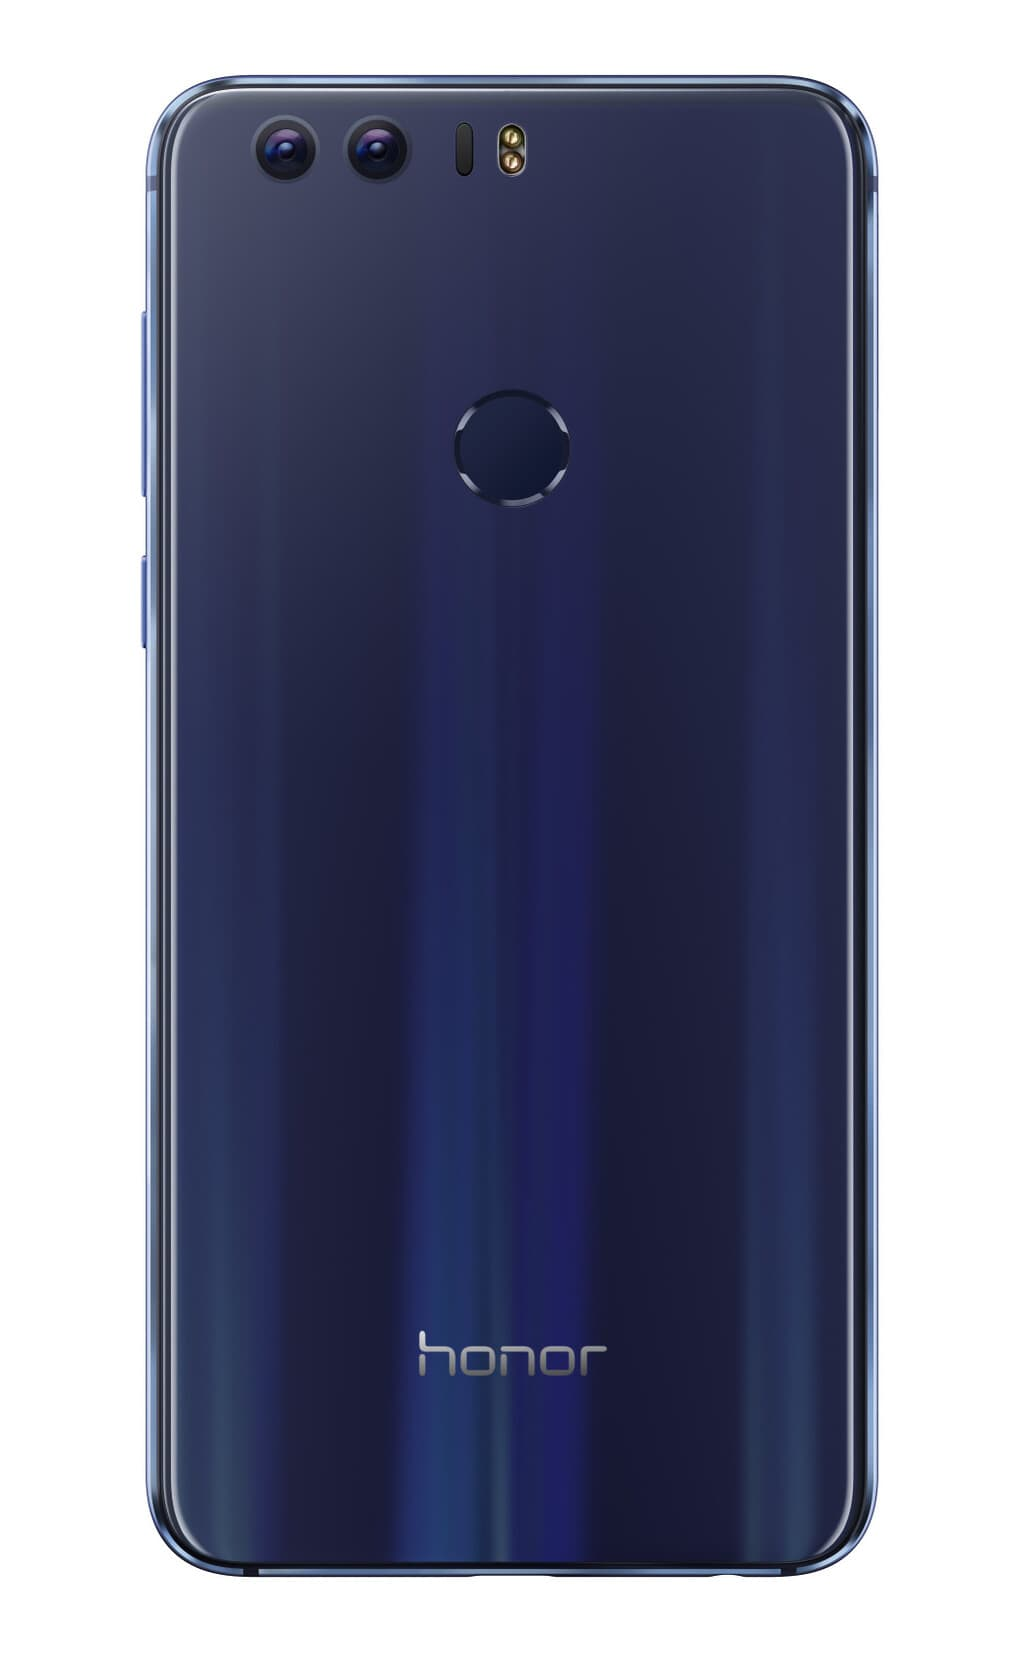 Huawei Honor 8 Unlocked Smartphone at Best Buy